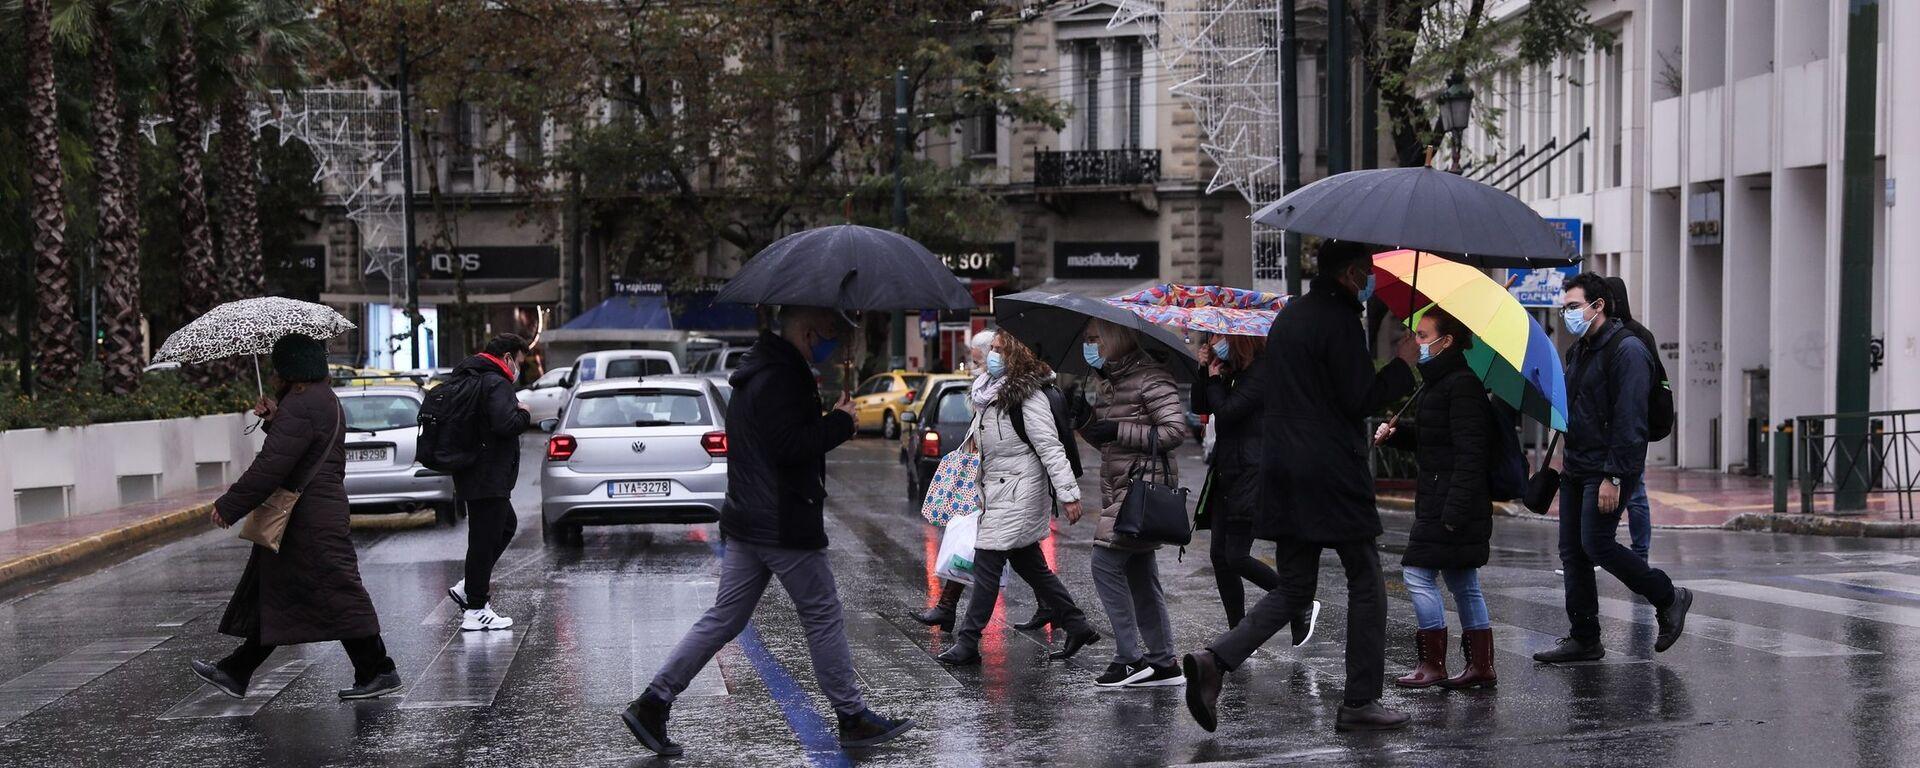 Βροχή.  - Sputnik Ελλάδα, 1920, 08.09.2021